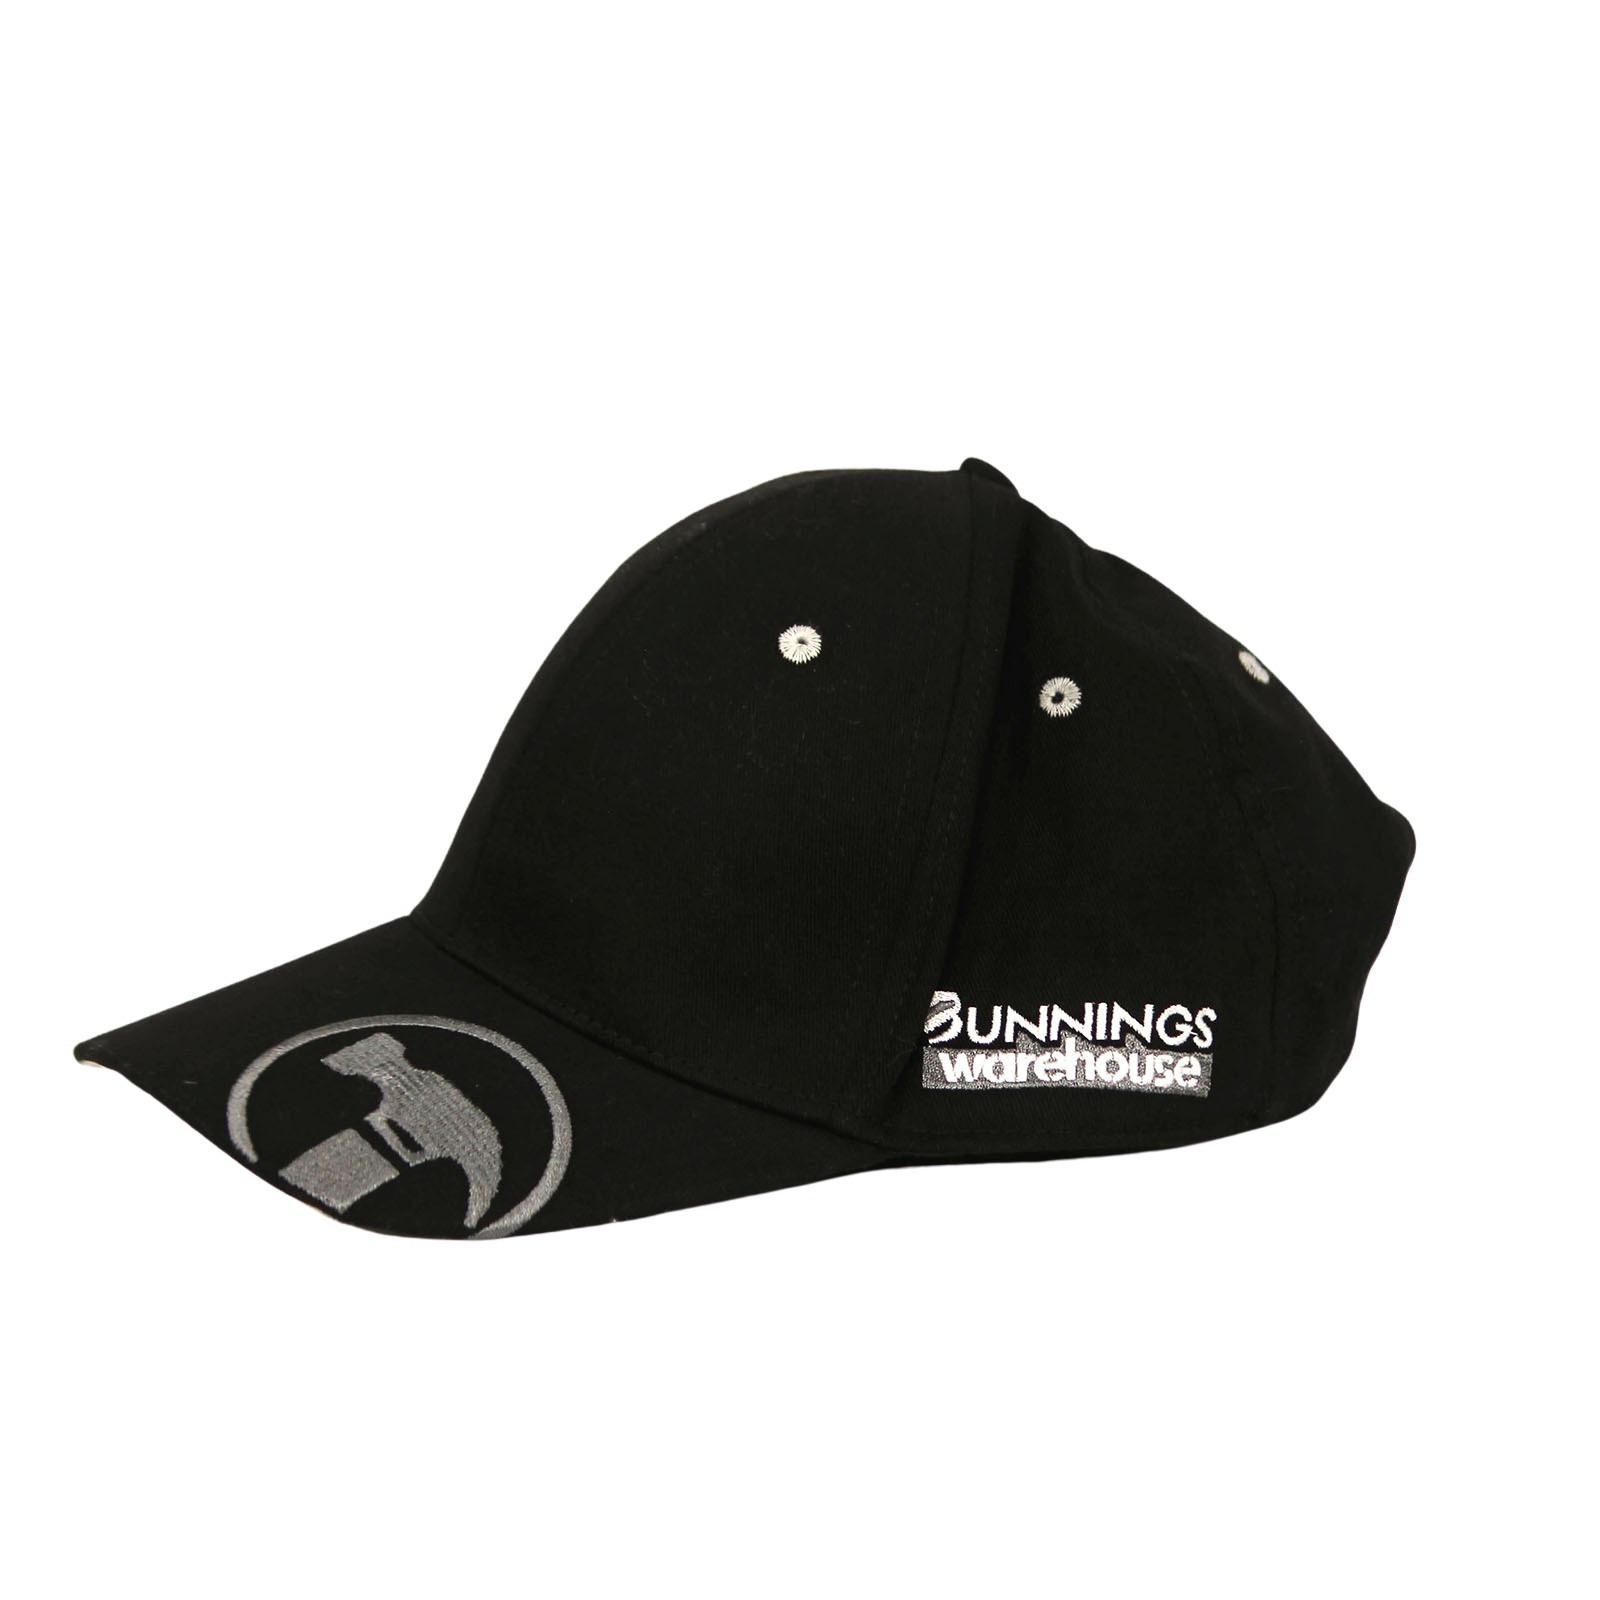 Bunnings Black Cap